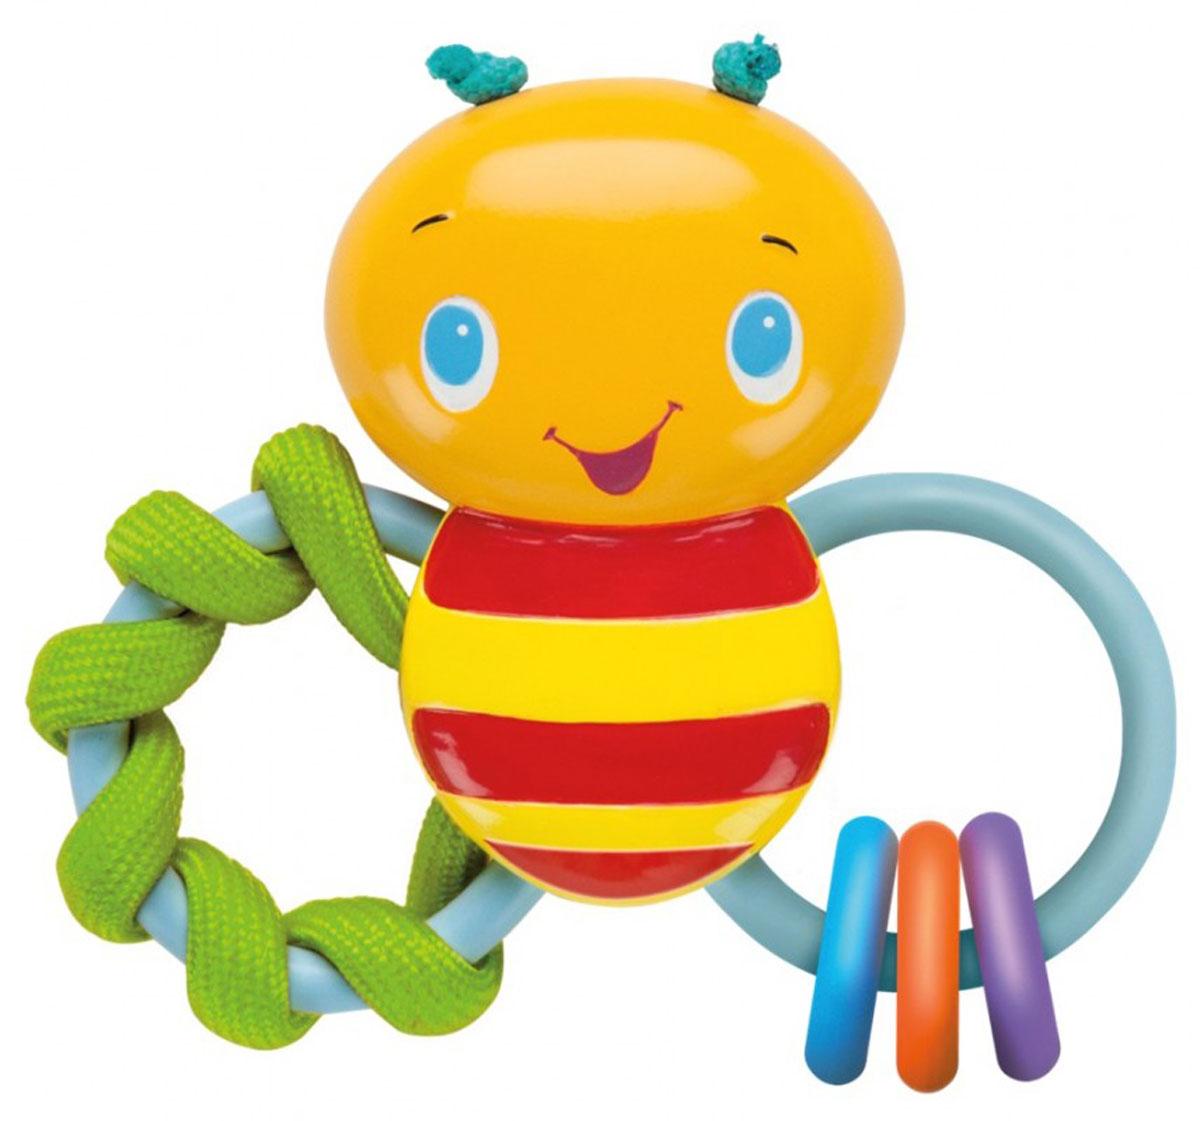 Bright Starts Развивающая игрушка-погремушка Пчелка52025Развивающая игрушка-погремушка Bright Starts Пчелка - это просто великолепный подарок для поднятия настроения ребенка. Модель выполнена в очень ярком дизайне, что мгновенно привлечет внимание любого малыша. Дизайн игрушки представляет собой погремушку в виде забавной пчелки с разноцветными колечками, которые издают веселые, звонкие звуки, дарящие малышу веселье и радость. Модель отличается своими небольшими размерами, благодаря чему любой ребенок может ее удобно держать в ручках. Новая игрушка доставит массу удовольствий малышу и создаст ему хорошее настроение.